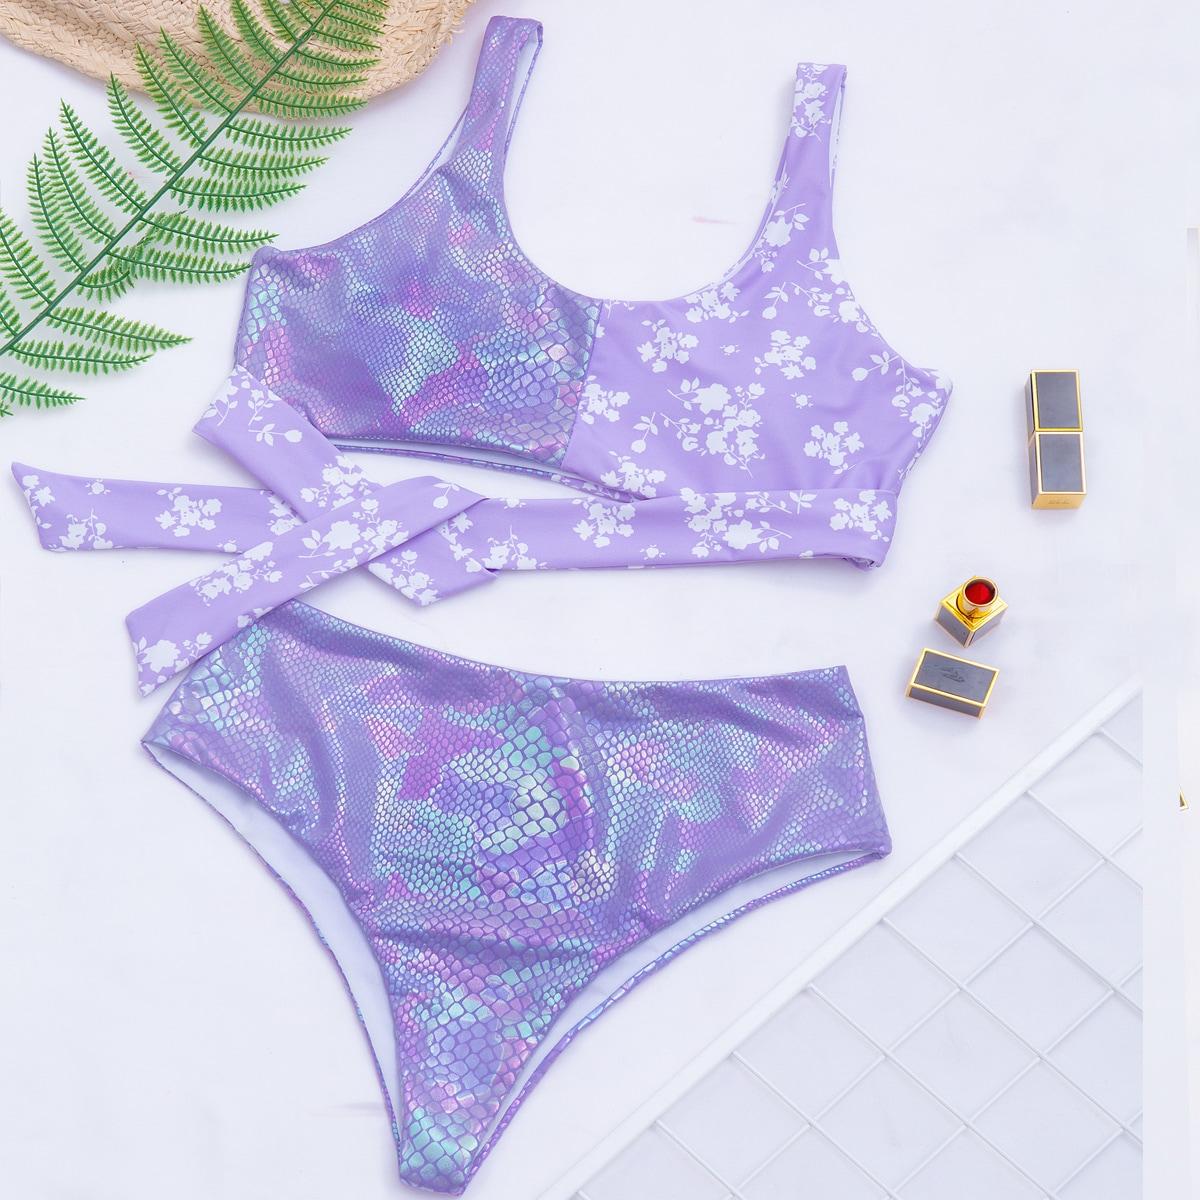 SHEIN / Bañador bikini de cintura alta con estampado floral de margarita y piel de serpiente